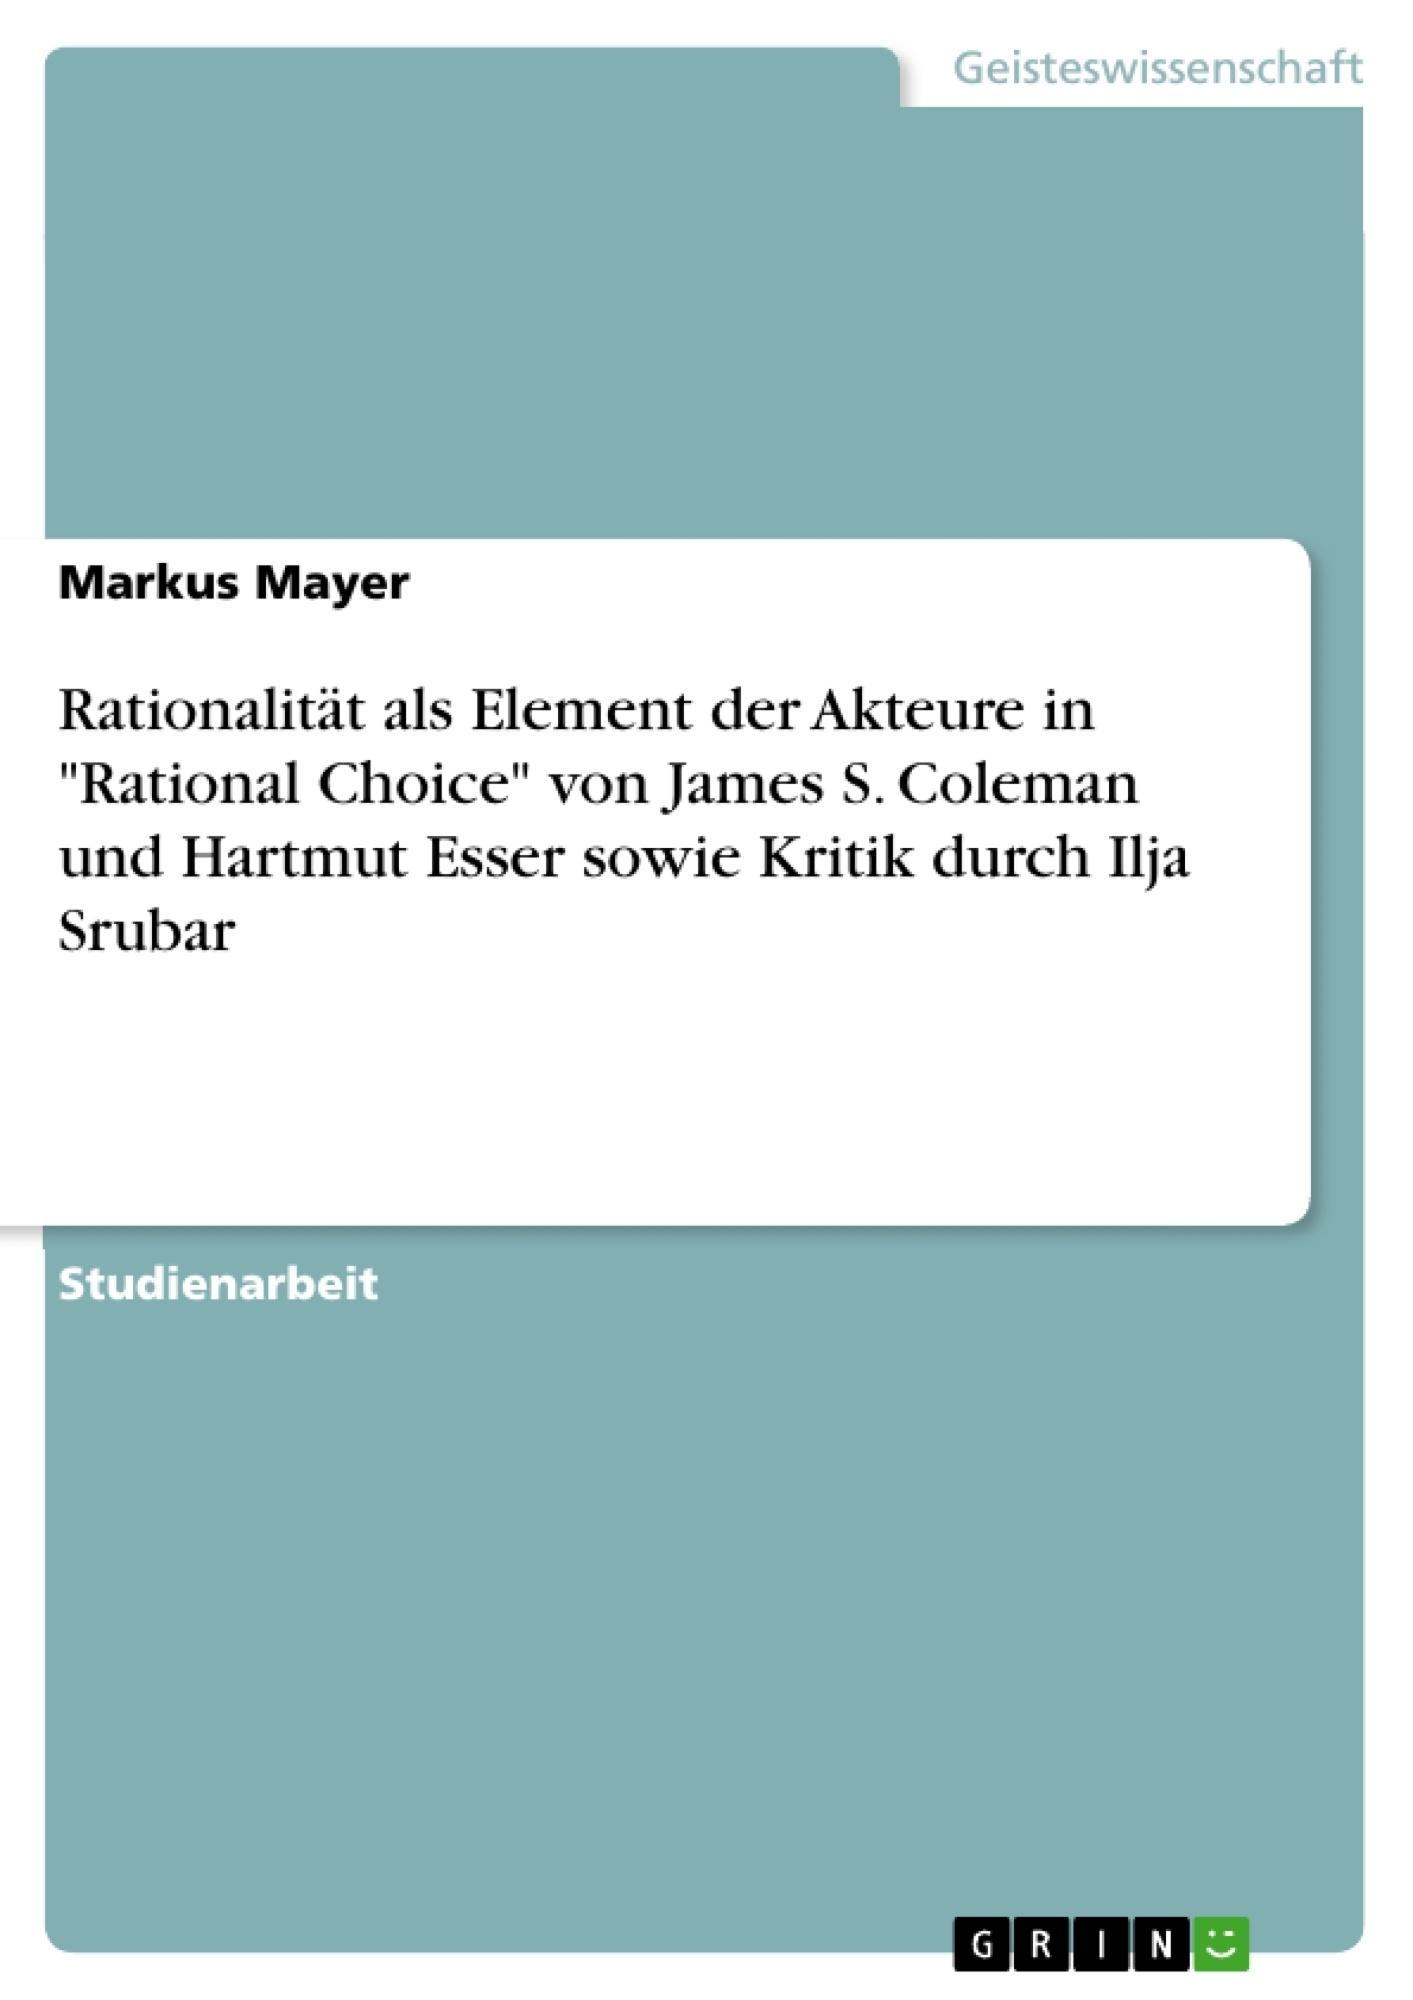 """Titel: Rationalität als Element der Akteure in """"Rational Choice"""" von James S. Coleman und Hartmut Esser sowie Kritik durch Ilja Srubar"""